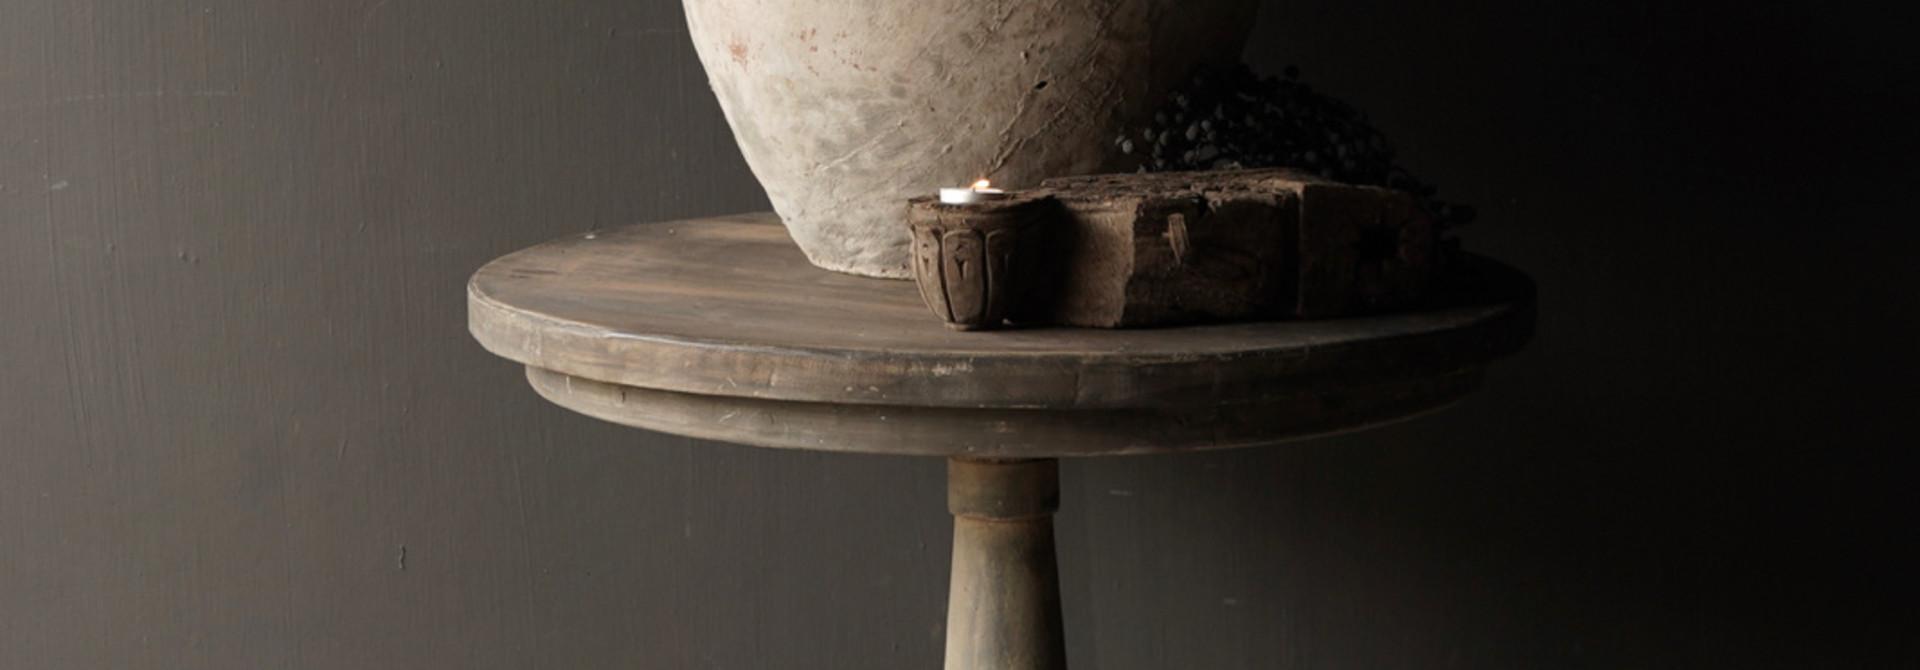 Stoere  ronde tafel gemaakt van oud gebruikt hout